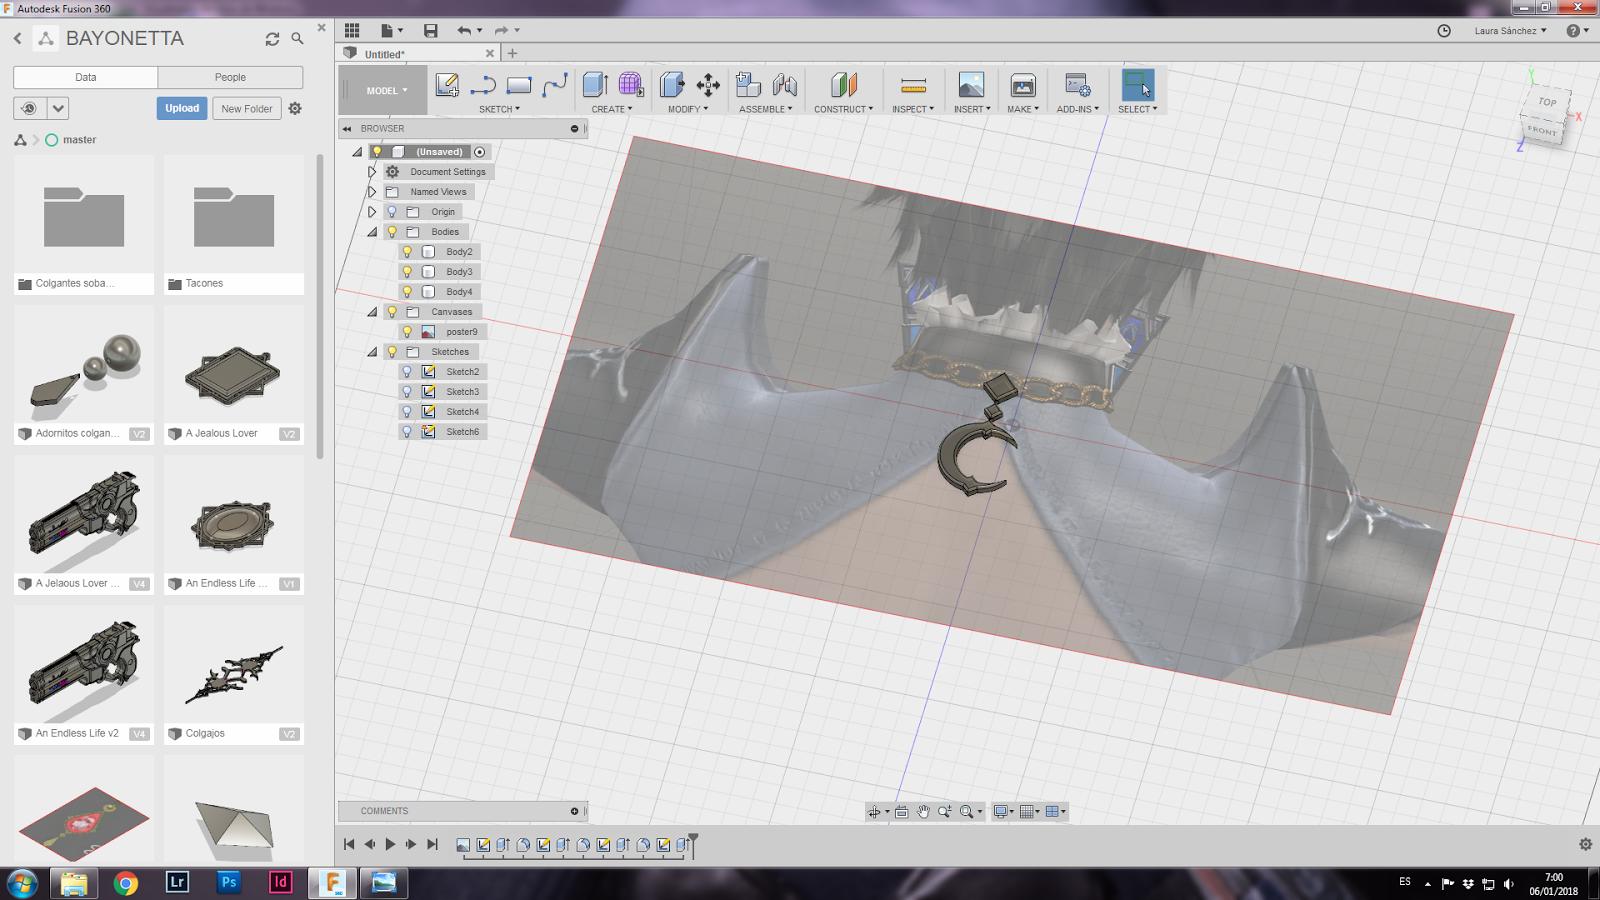 Nebulaluben: Mi impresora 3D Creality CR-10, software y configuración